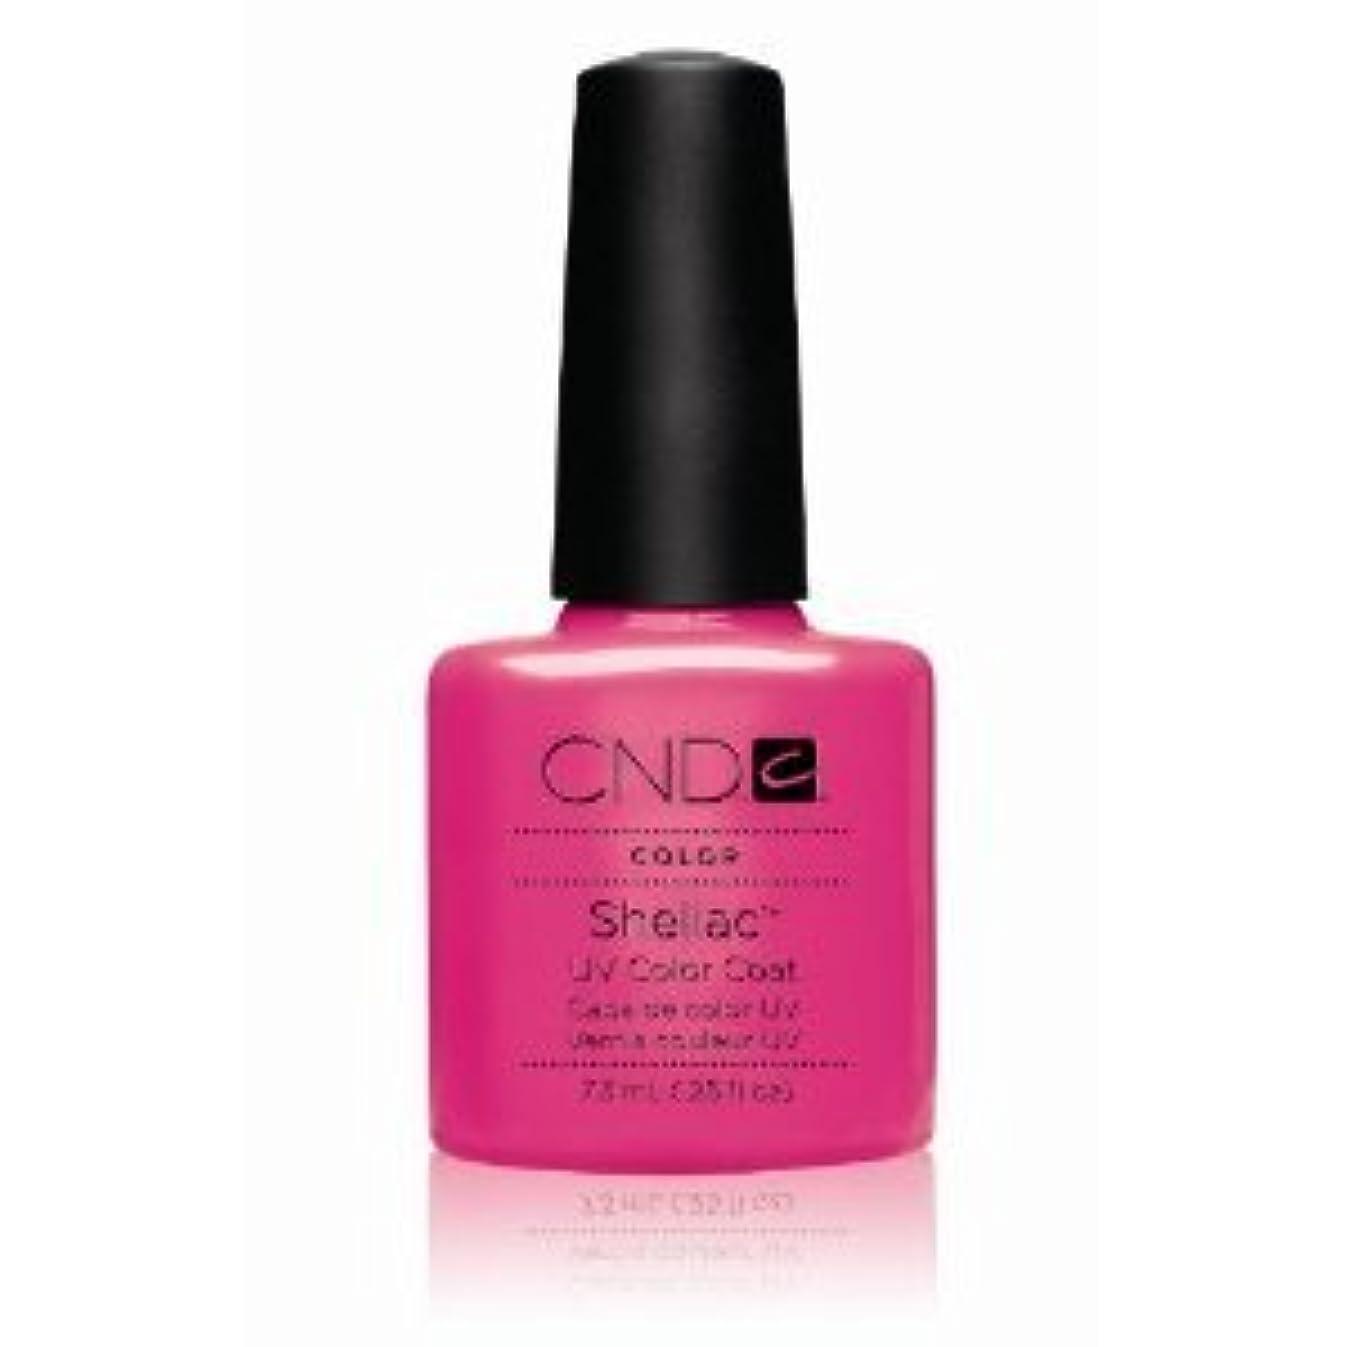 粘性の円形応じるCND(シーエヌディー) シェラック UVカラーコート7.3mL 519 Hot Pop Pink(マット) [並行輸入][海外直送品]